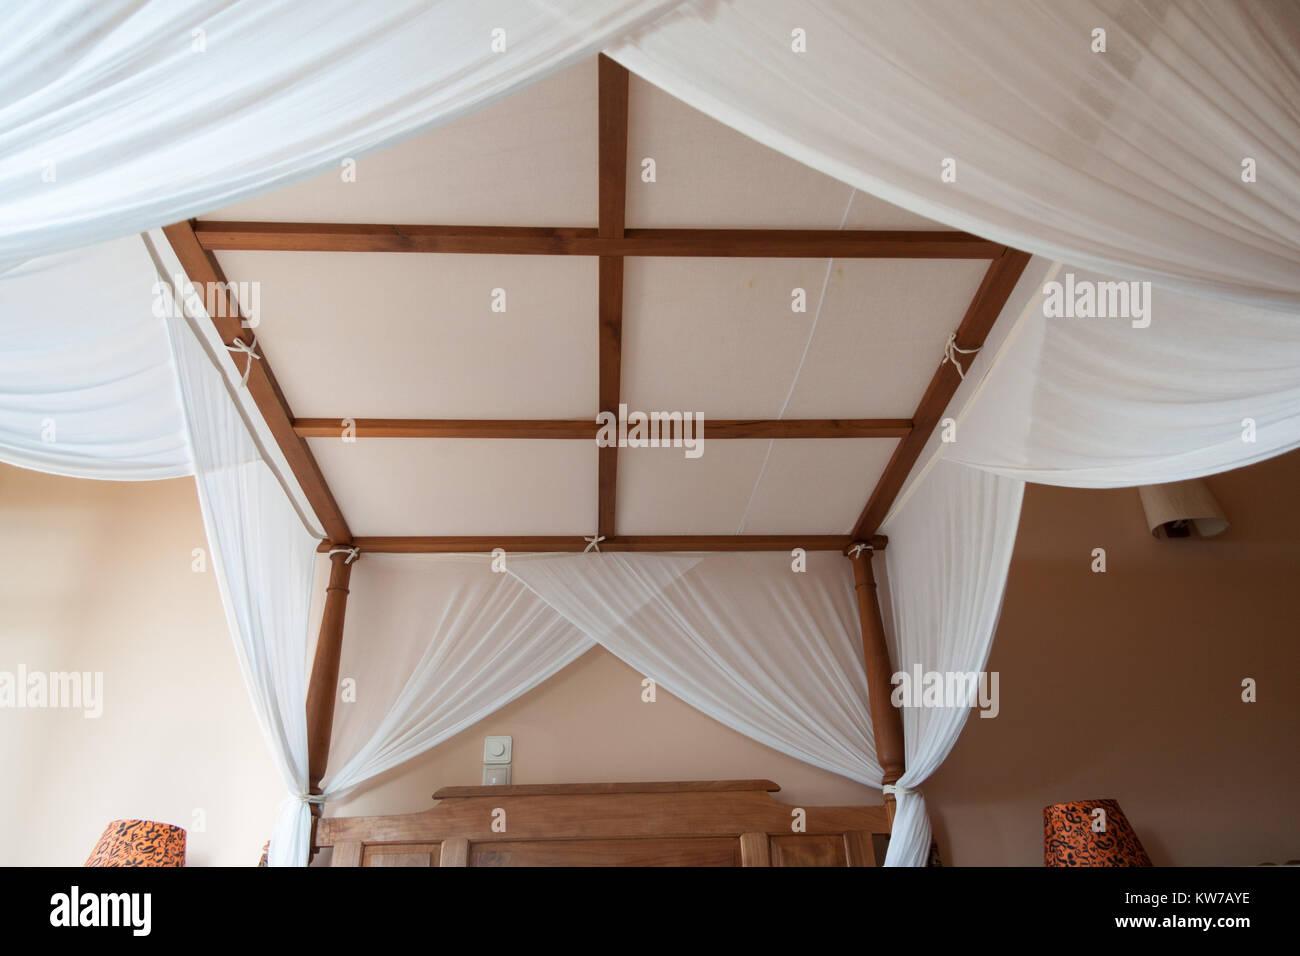 Letto Con Zanzariera : Sconto yurt di zanzariere yurt di zanzariere in vendita su